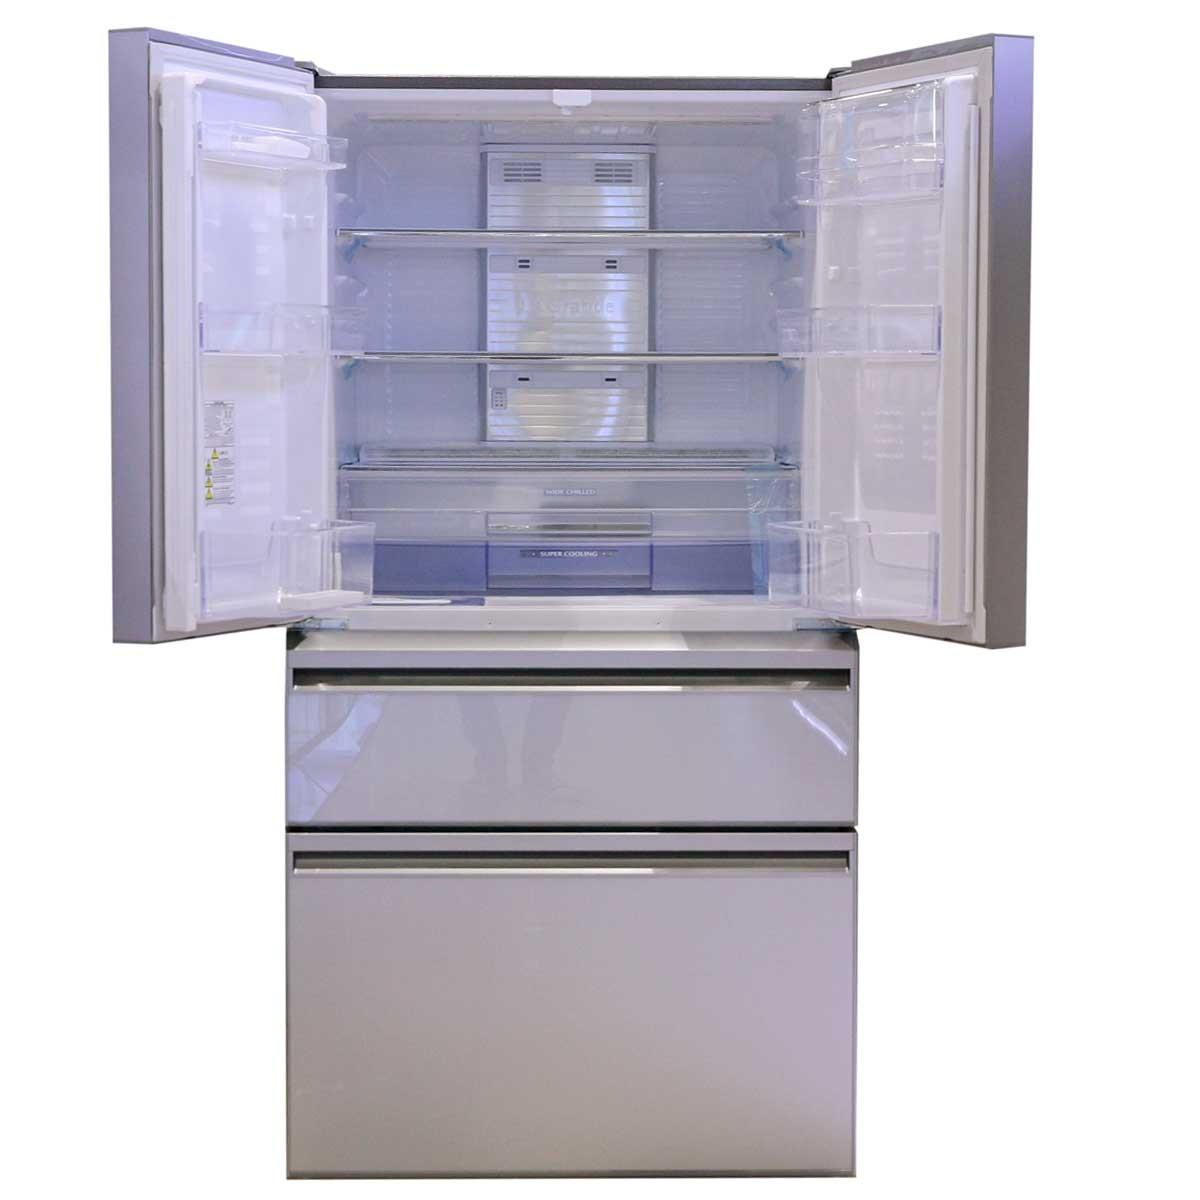 Tủ lạnh Mitsubishi MR LX68EM 564 lít giá rẻ Ảnh số 41680956